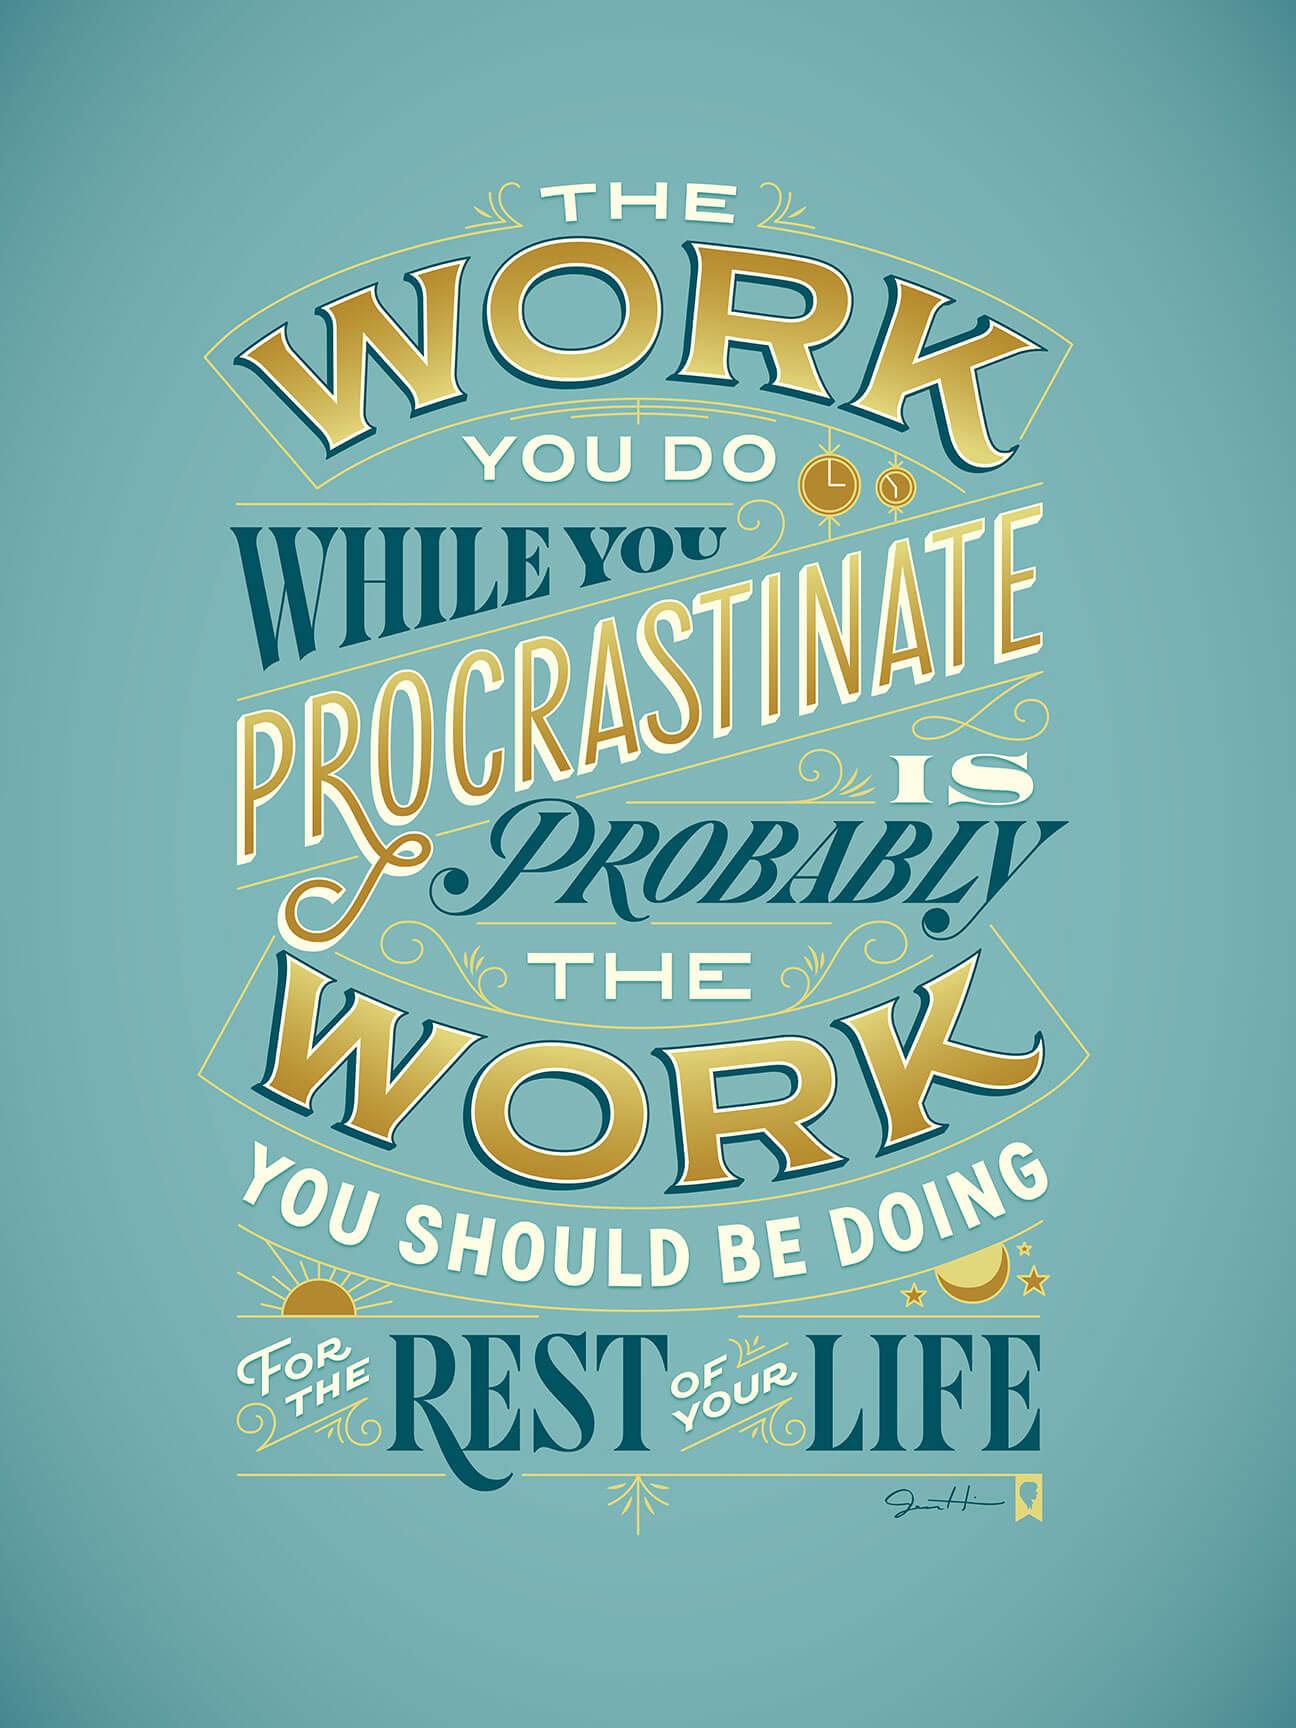 procrastiworking